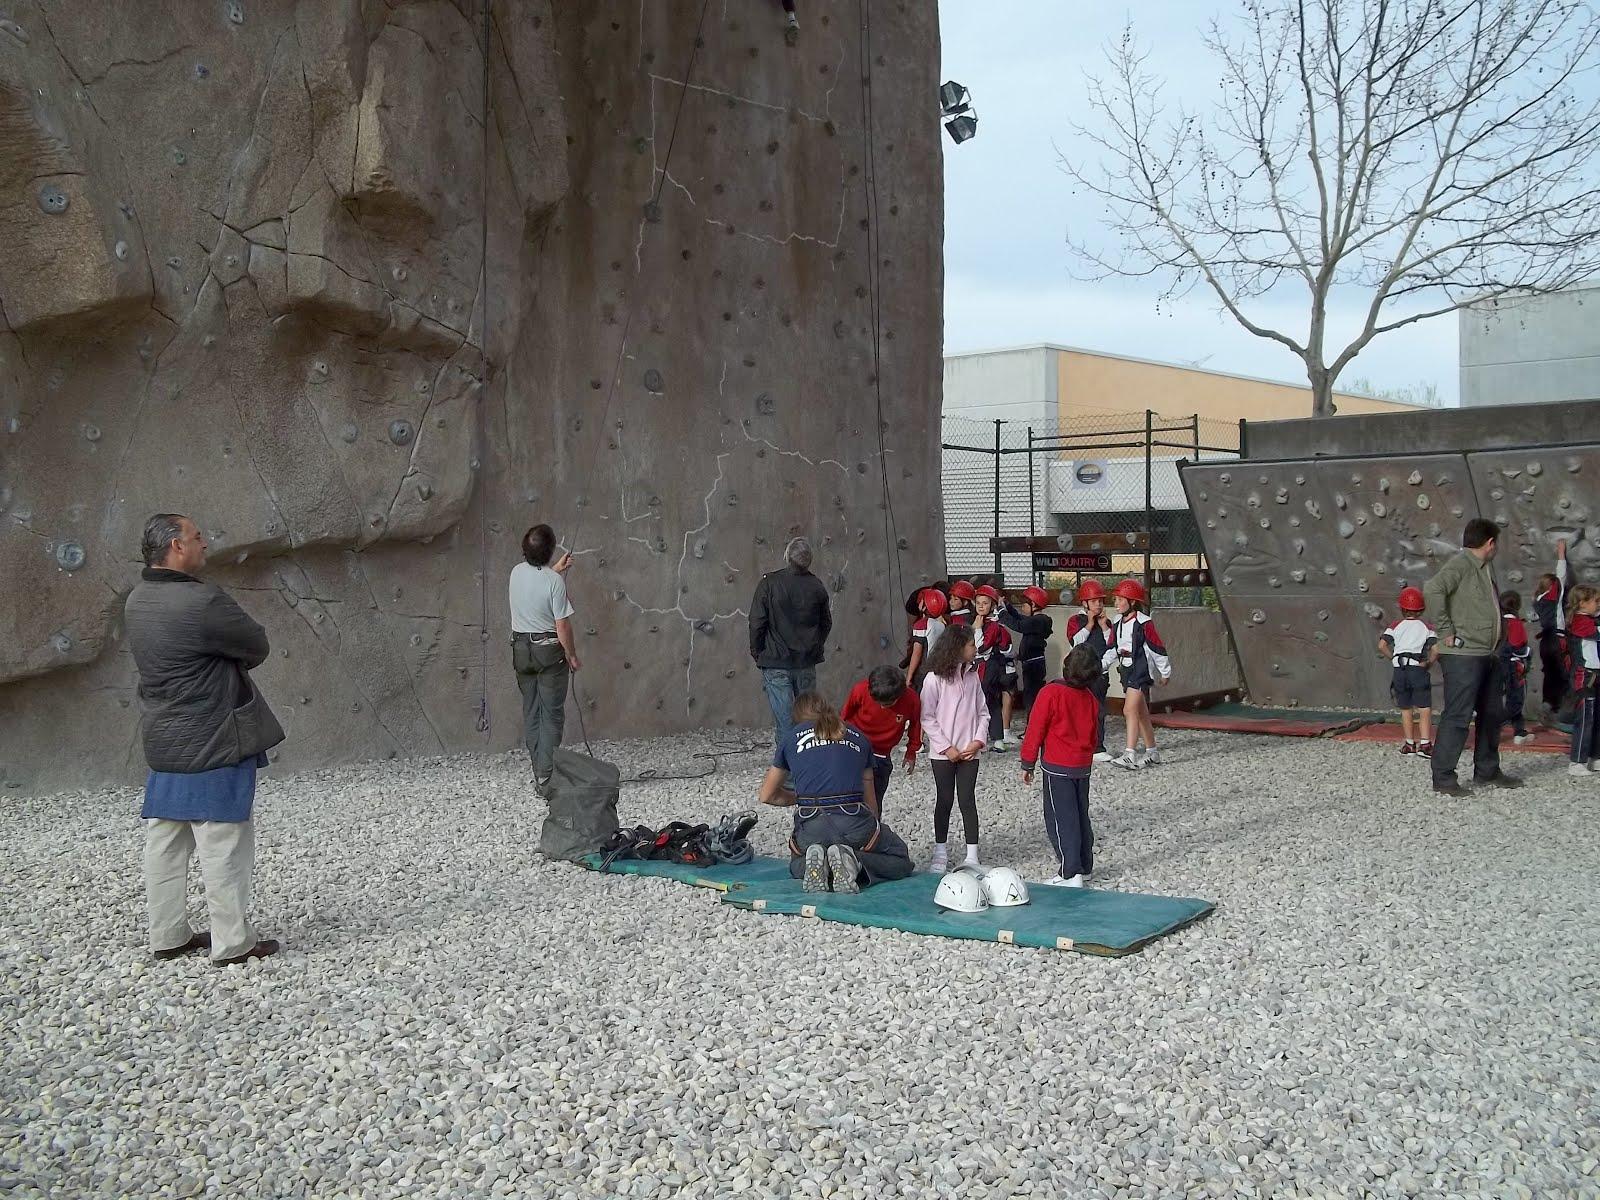 Escuela aire libre san sebasti n de los reyes cumplea os for Escuela danza san sebastian de los reyes